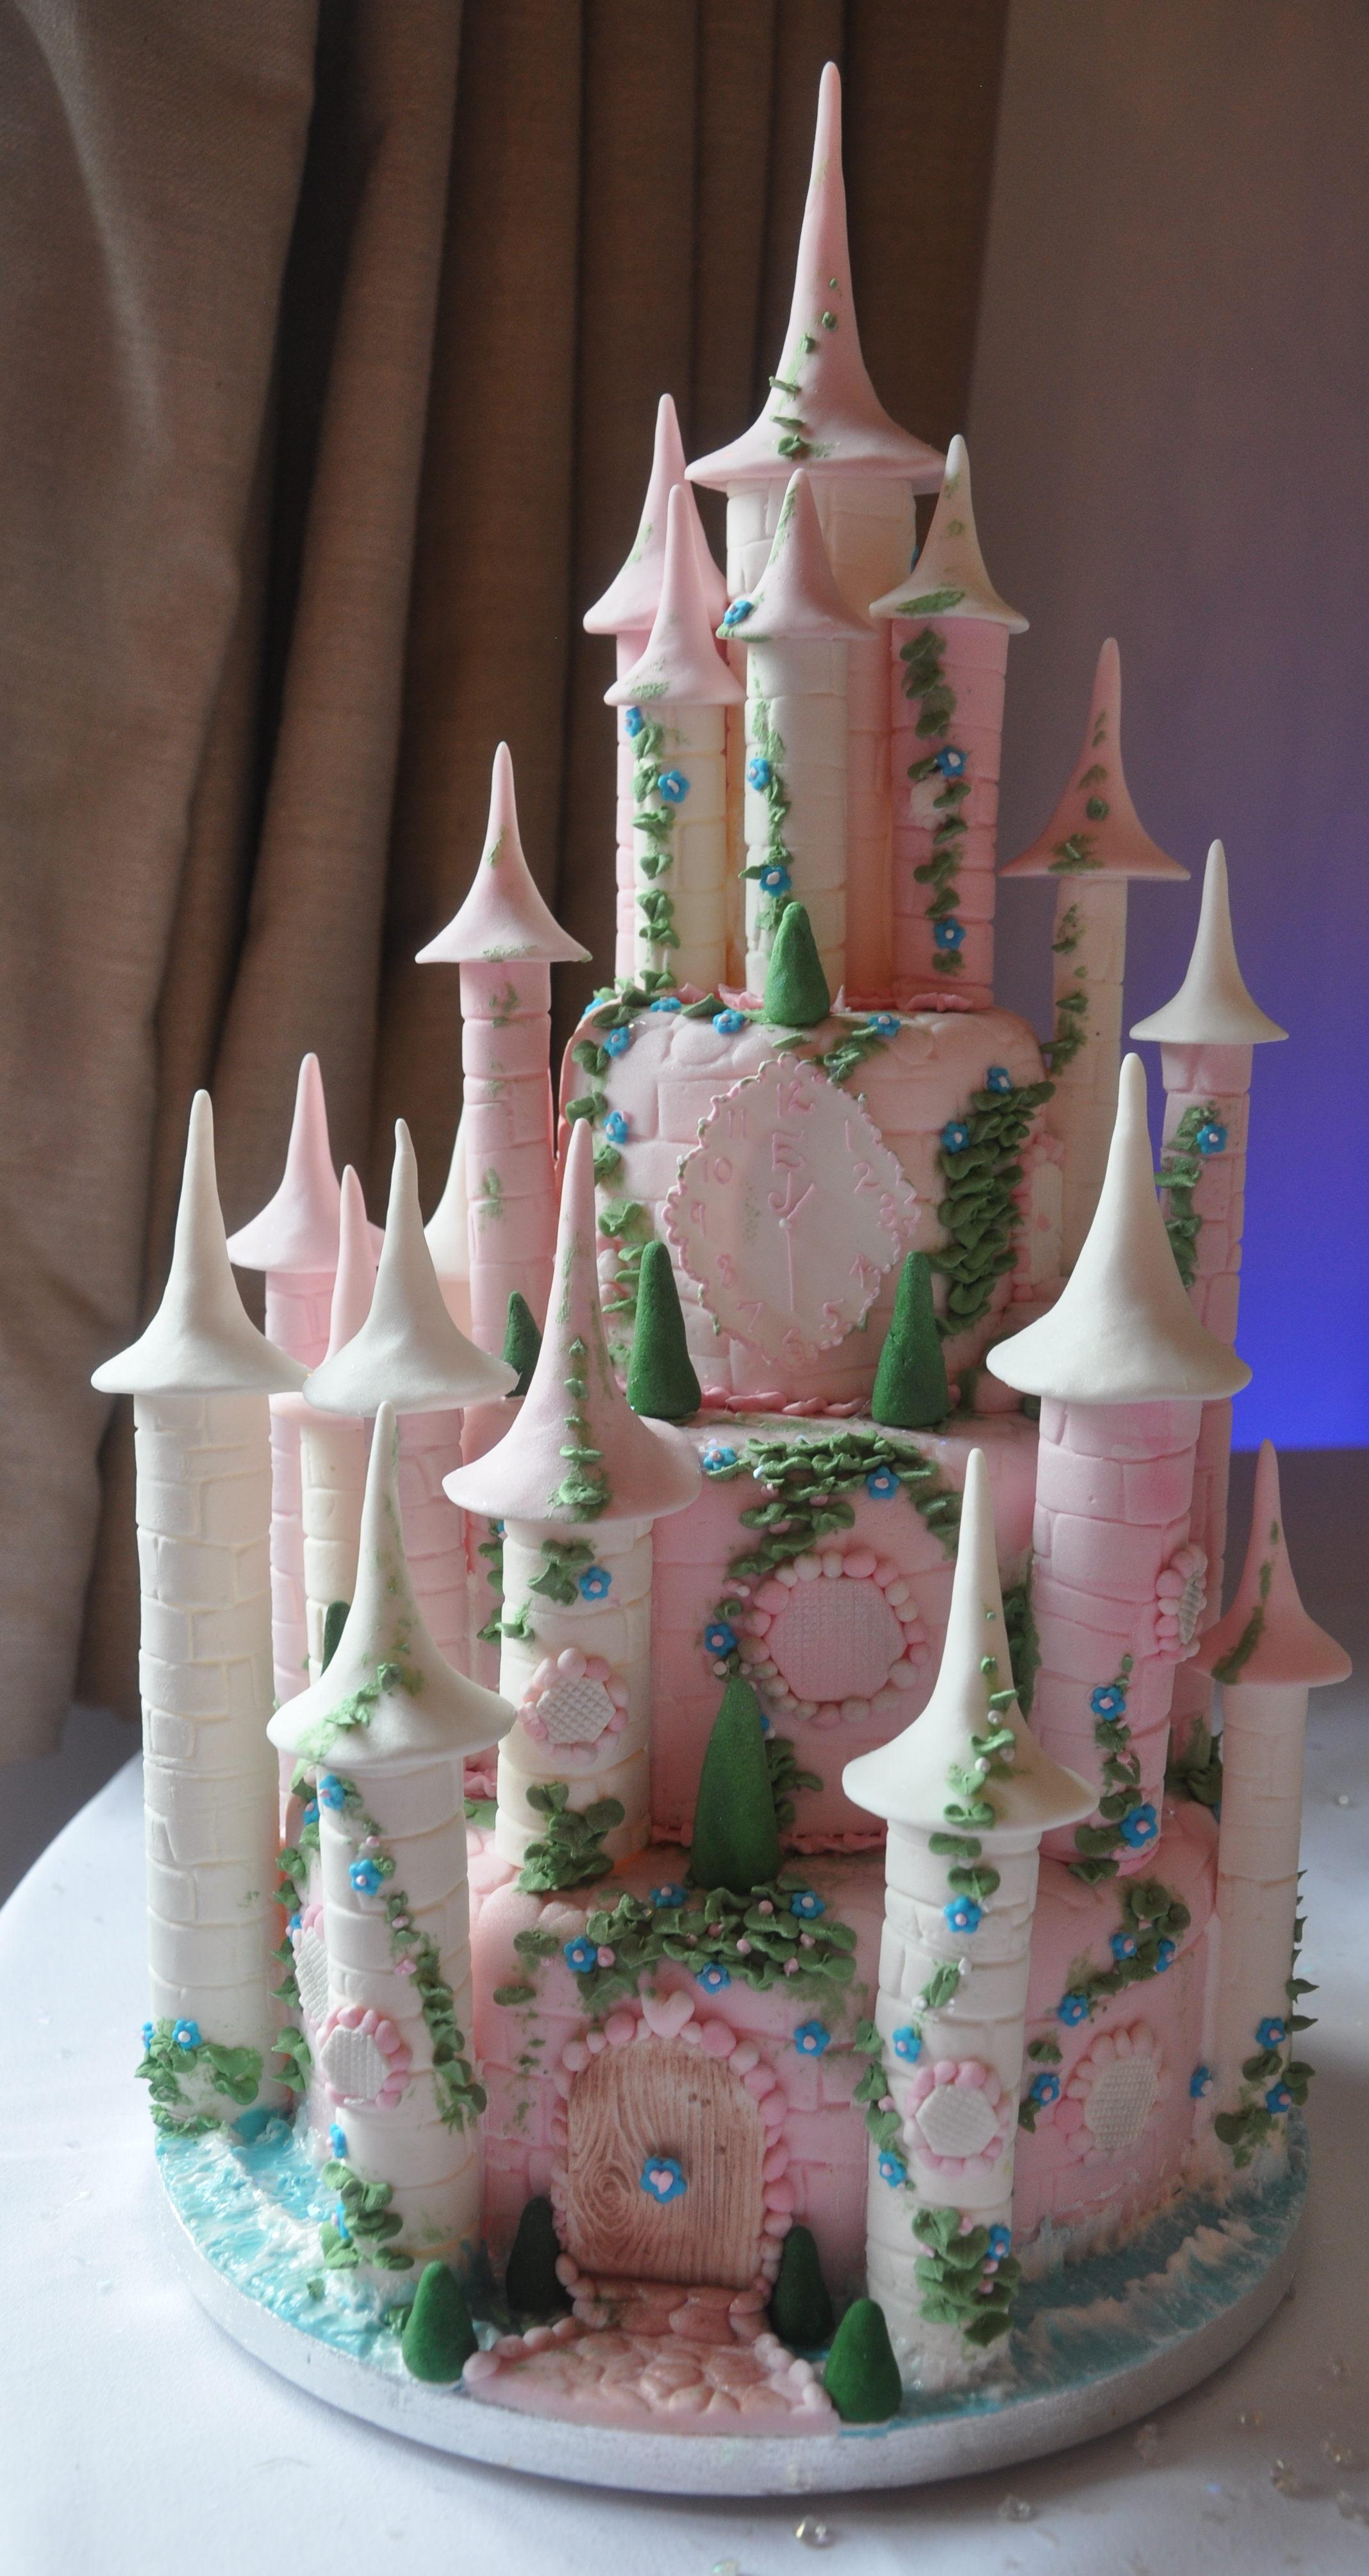 2014-02-08 Fairytale Castle Wedding Cupcakes 34_v1.JPG